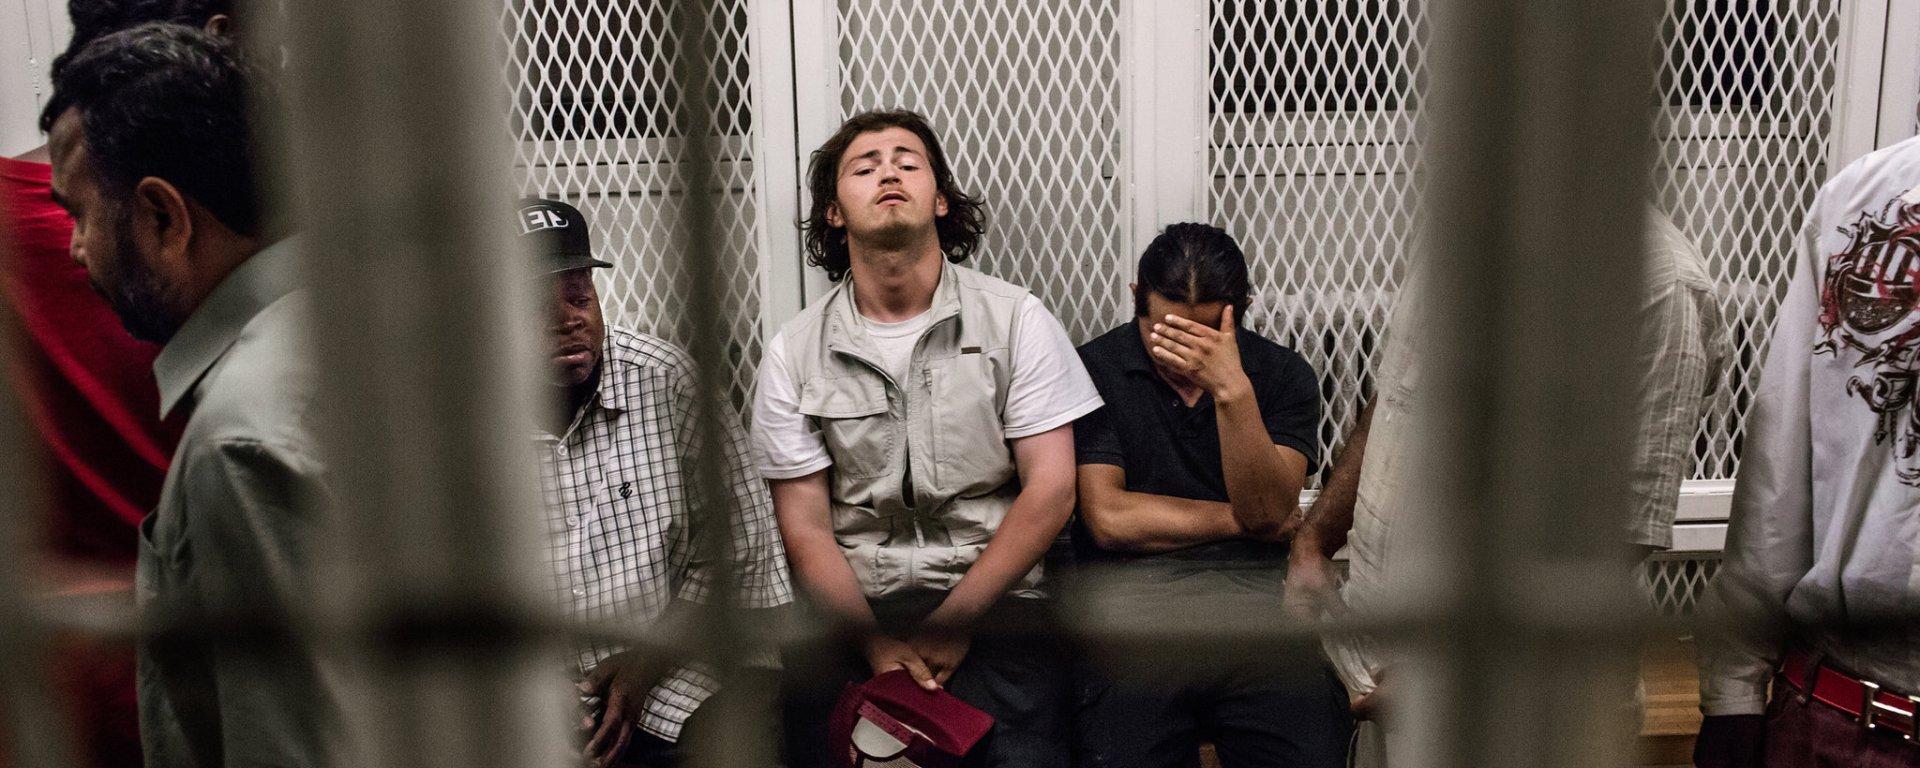 Bail Trap New York Times